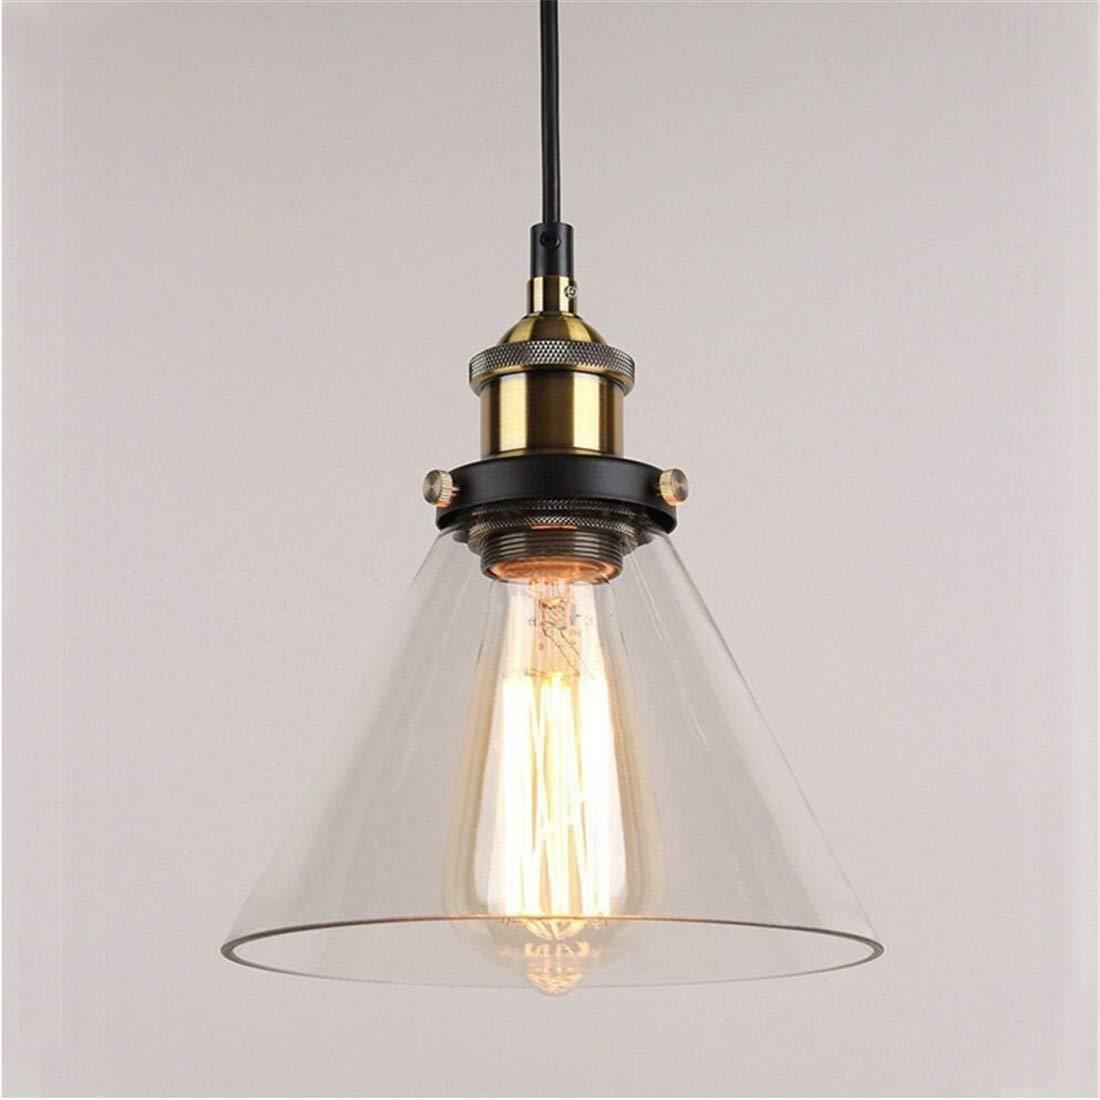 2 paket Vintage Industrielle Trichter Glas Lampenschirm Deckenpendelleuchte Für Home Office Schlafzimmer Kaffee